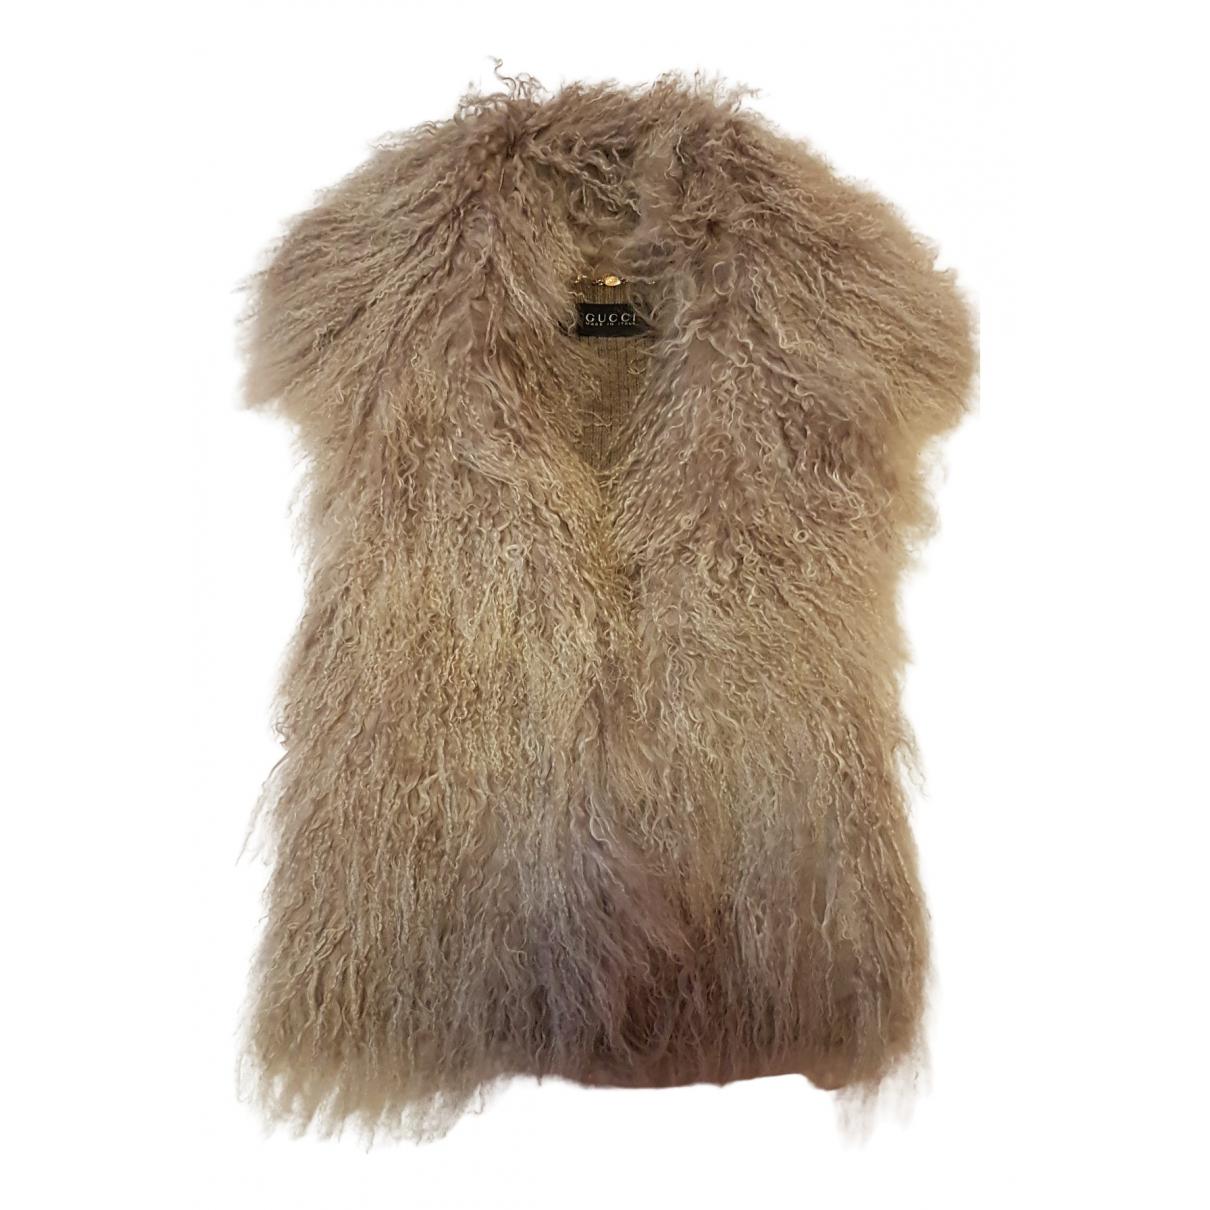 Gucci \N Pullover in  Beige Schaf